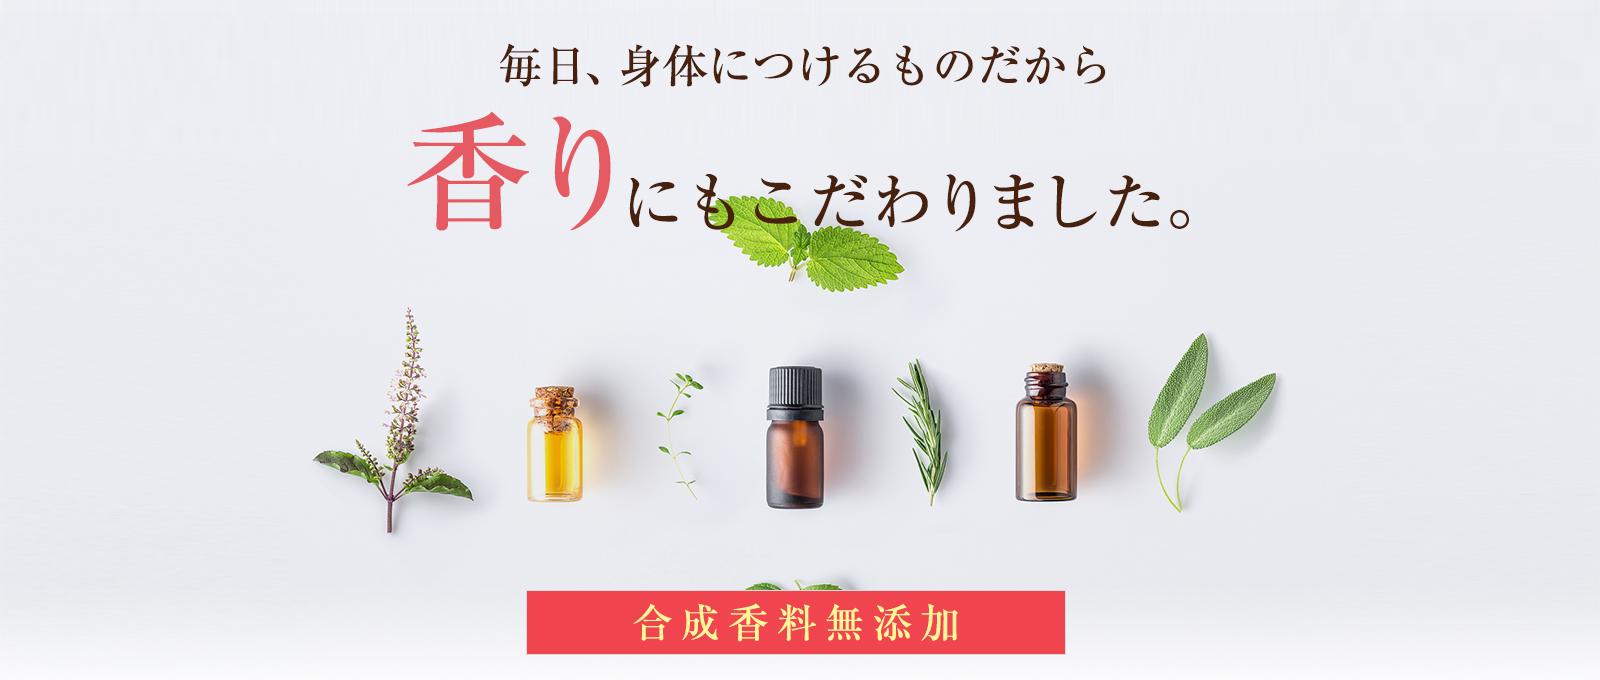 毎日、身体につけるものだから香りにもこだわりました。 合成香料無添加